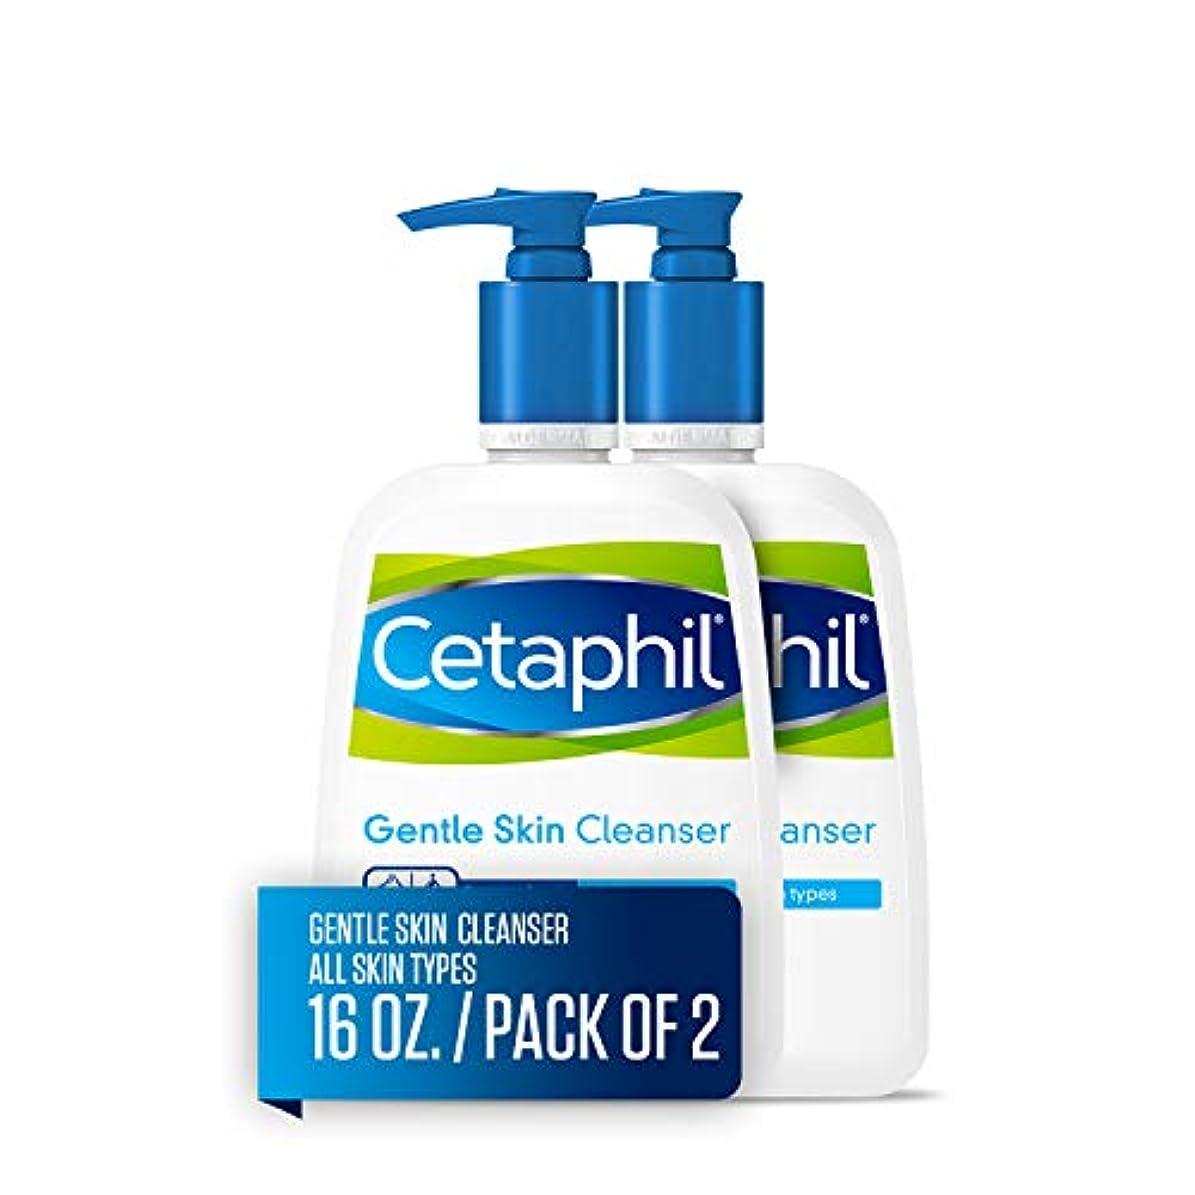 損なう高潔なハドルCetaphil オールスキンタイプジェントルスキンクレンザー16オズ(2パック) 2パック